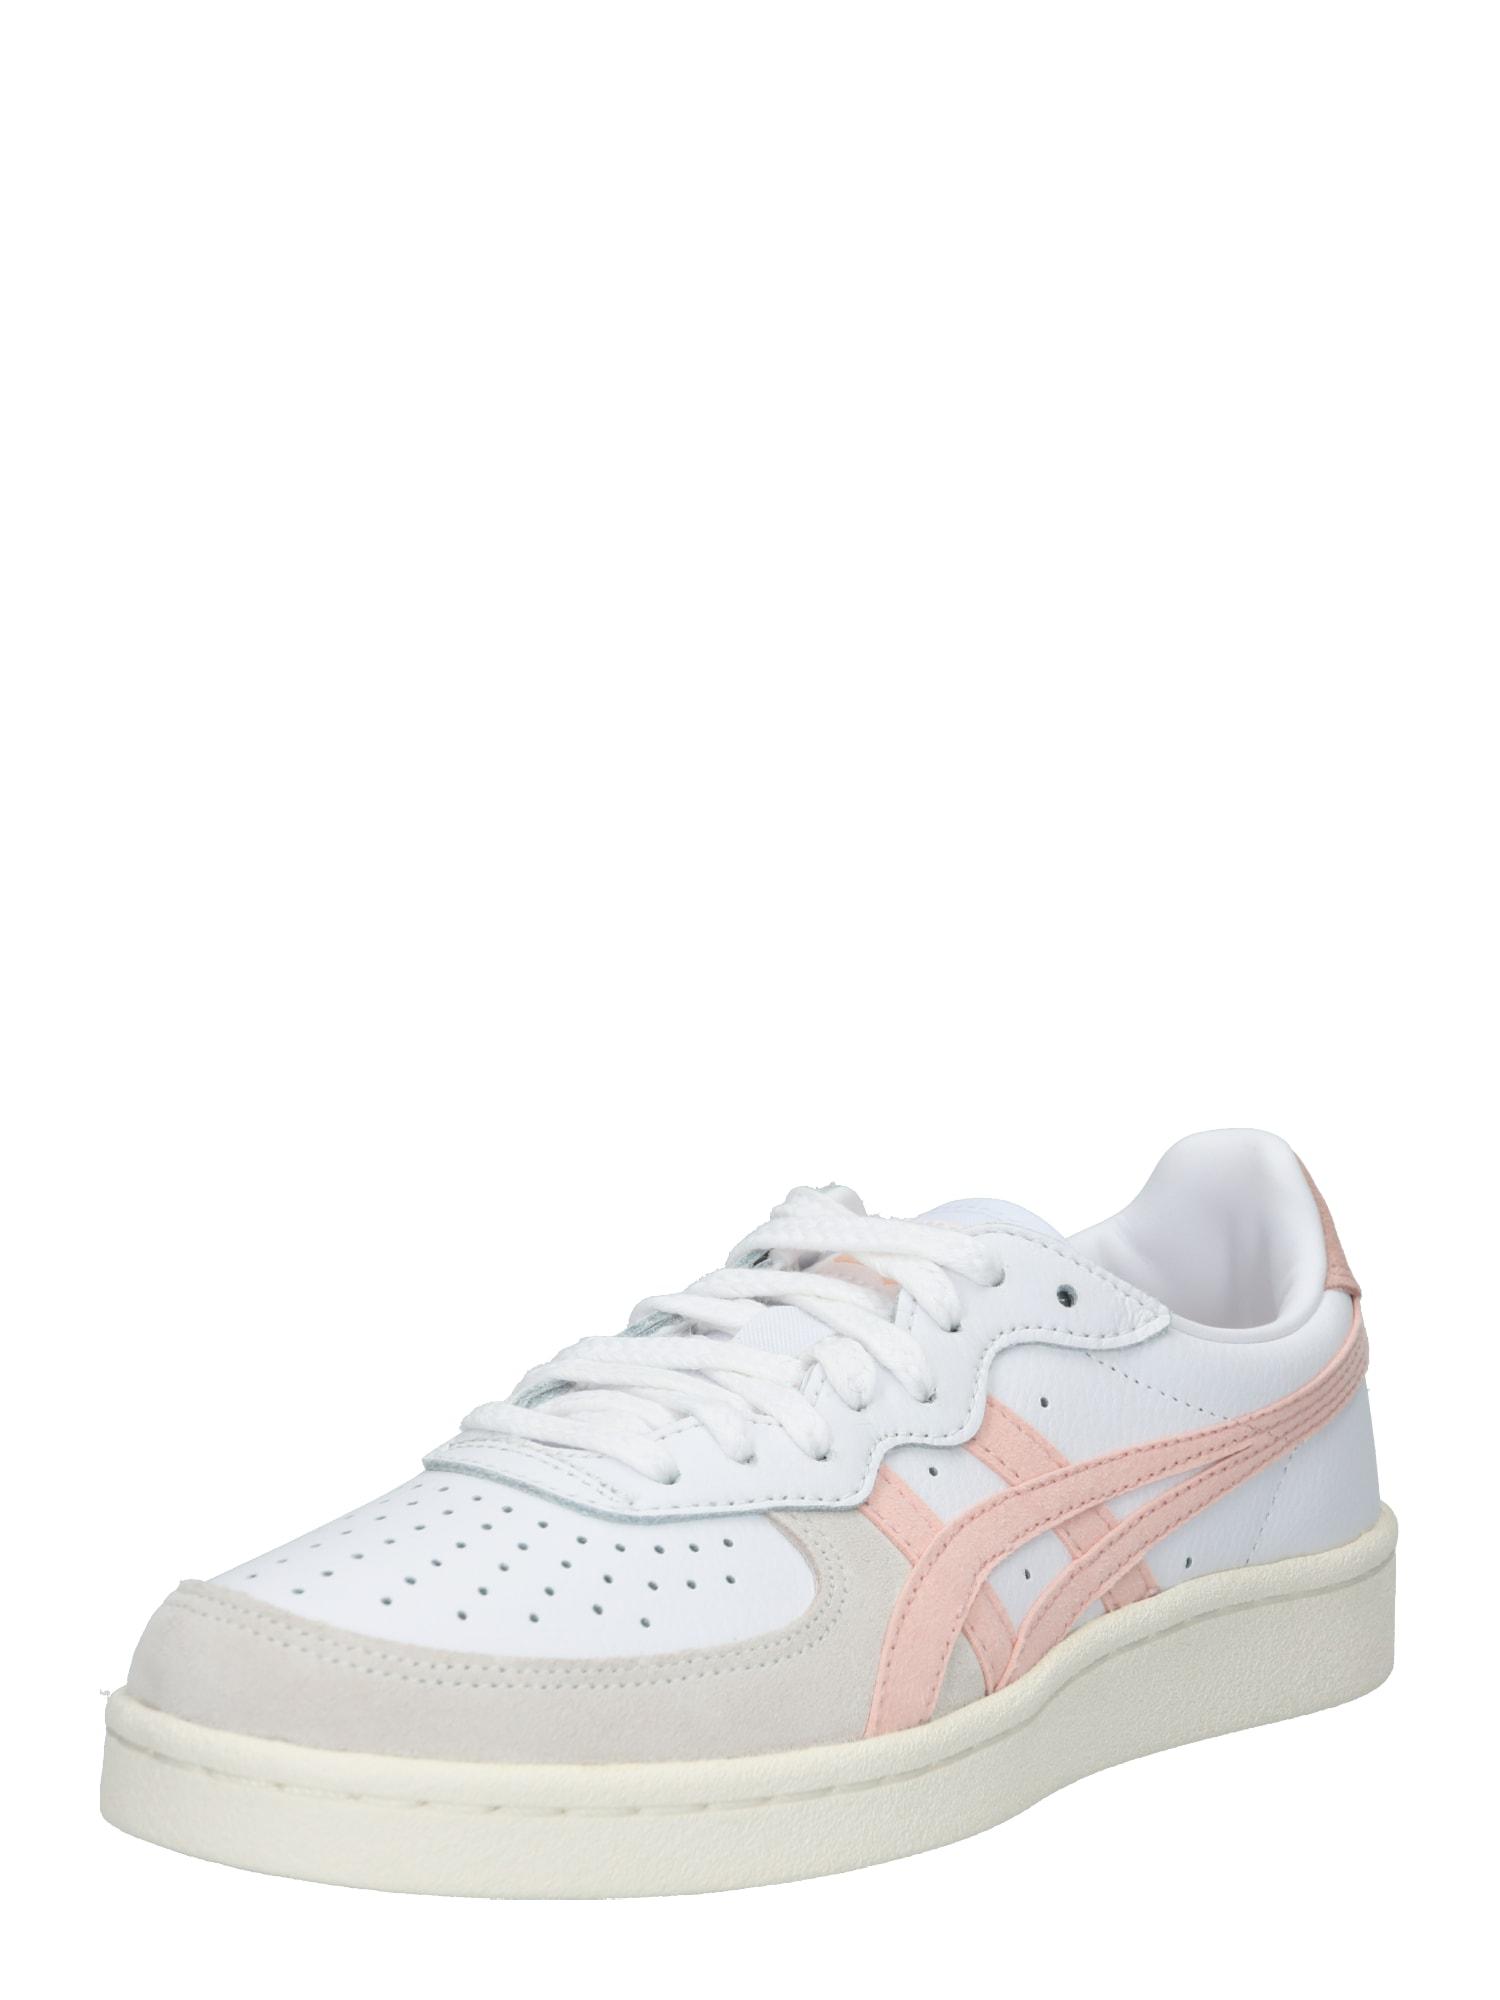 Tenisky růžová bílá offwhite Onitsuka Tiger